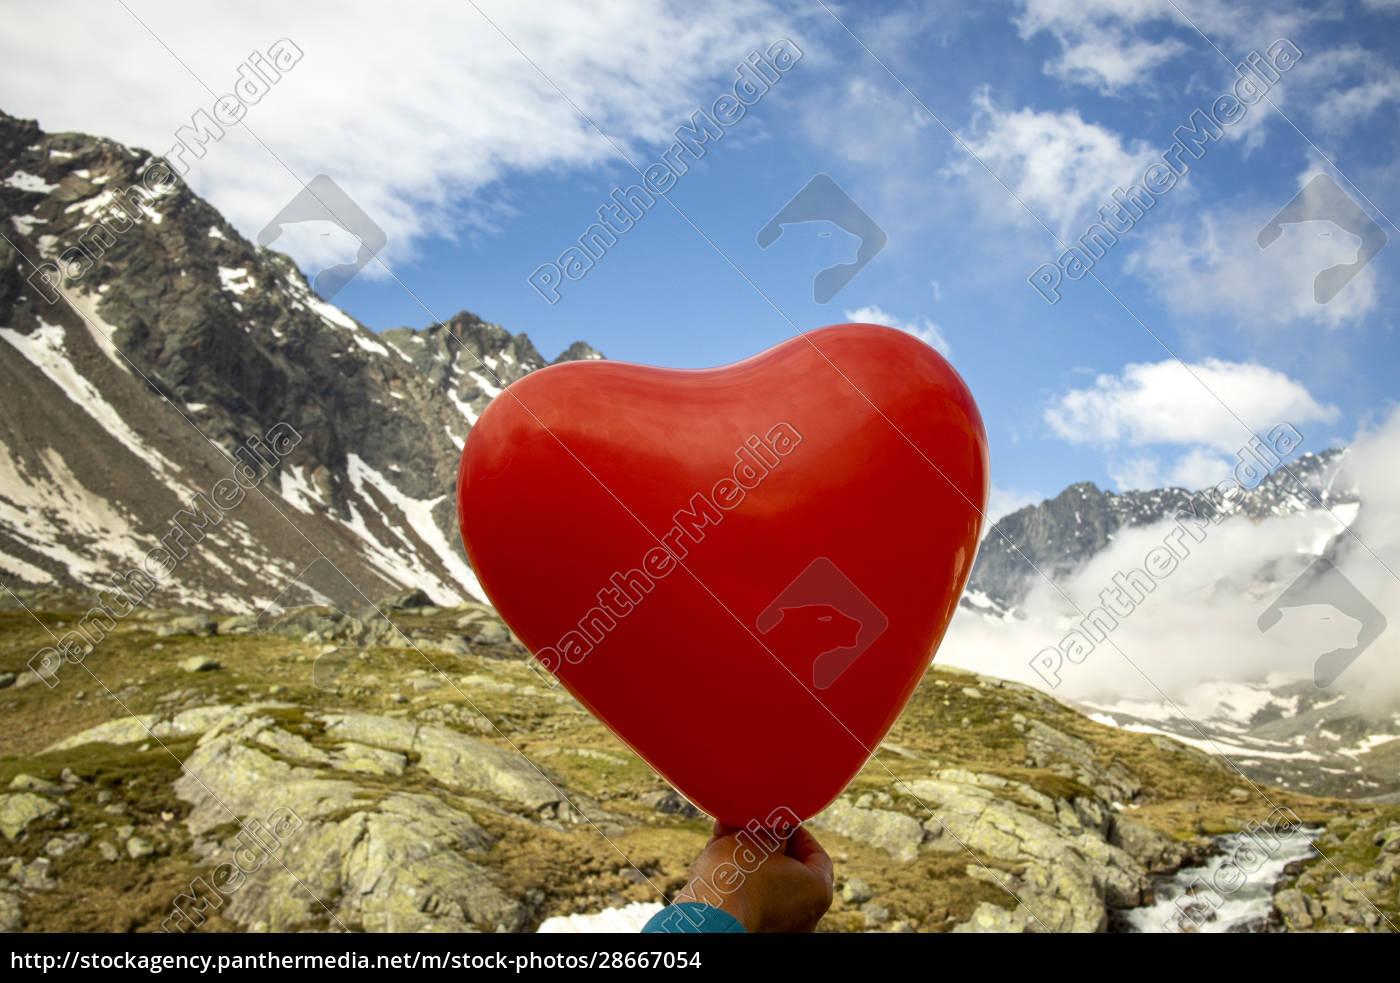 balloon, heart - 28667054